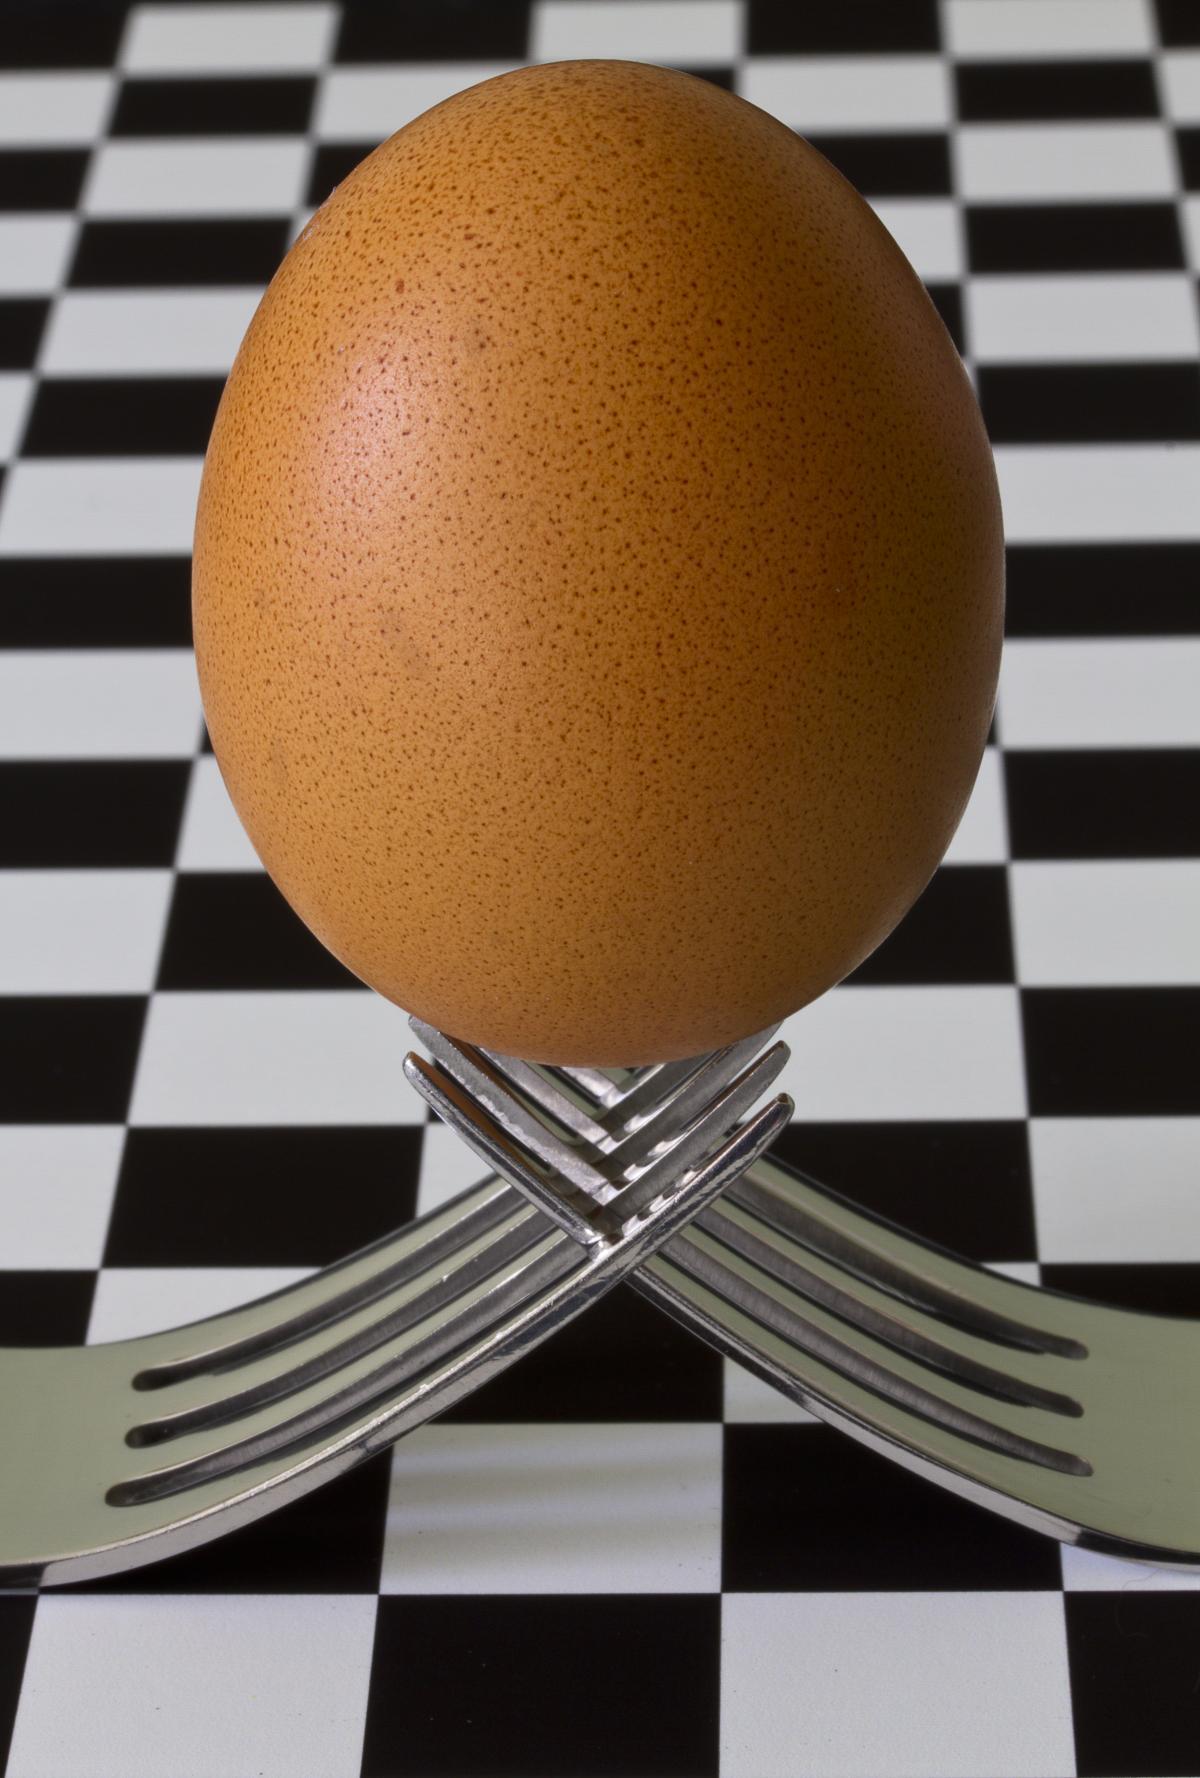 Egg on 2 Forks